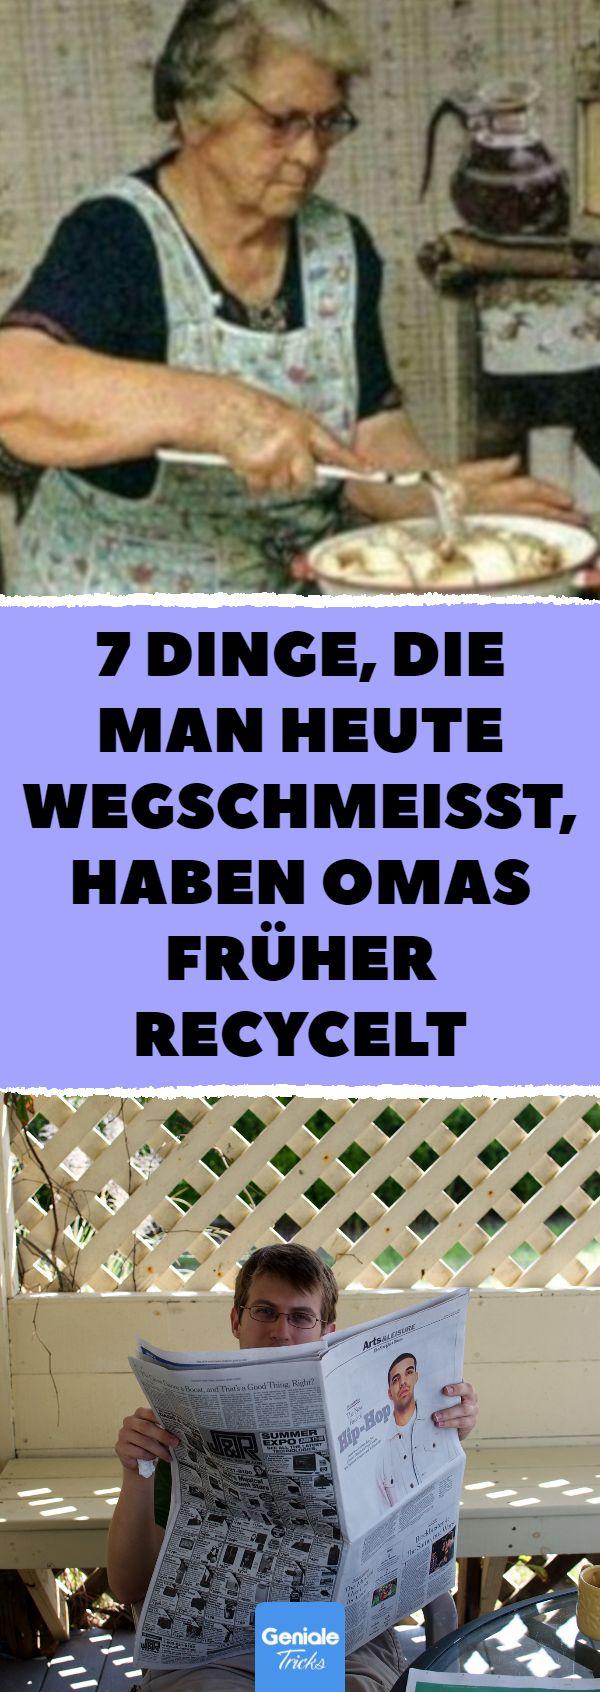 7 Dinge, die man heute wegschmeißt, haben Omas früher recycelt. 7 Dinge, denen man einen neuen Nutzen geben kann. #DIY #Abfälle #Großmutter #Gläser #Eierschalen